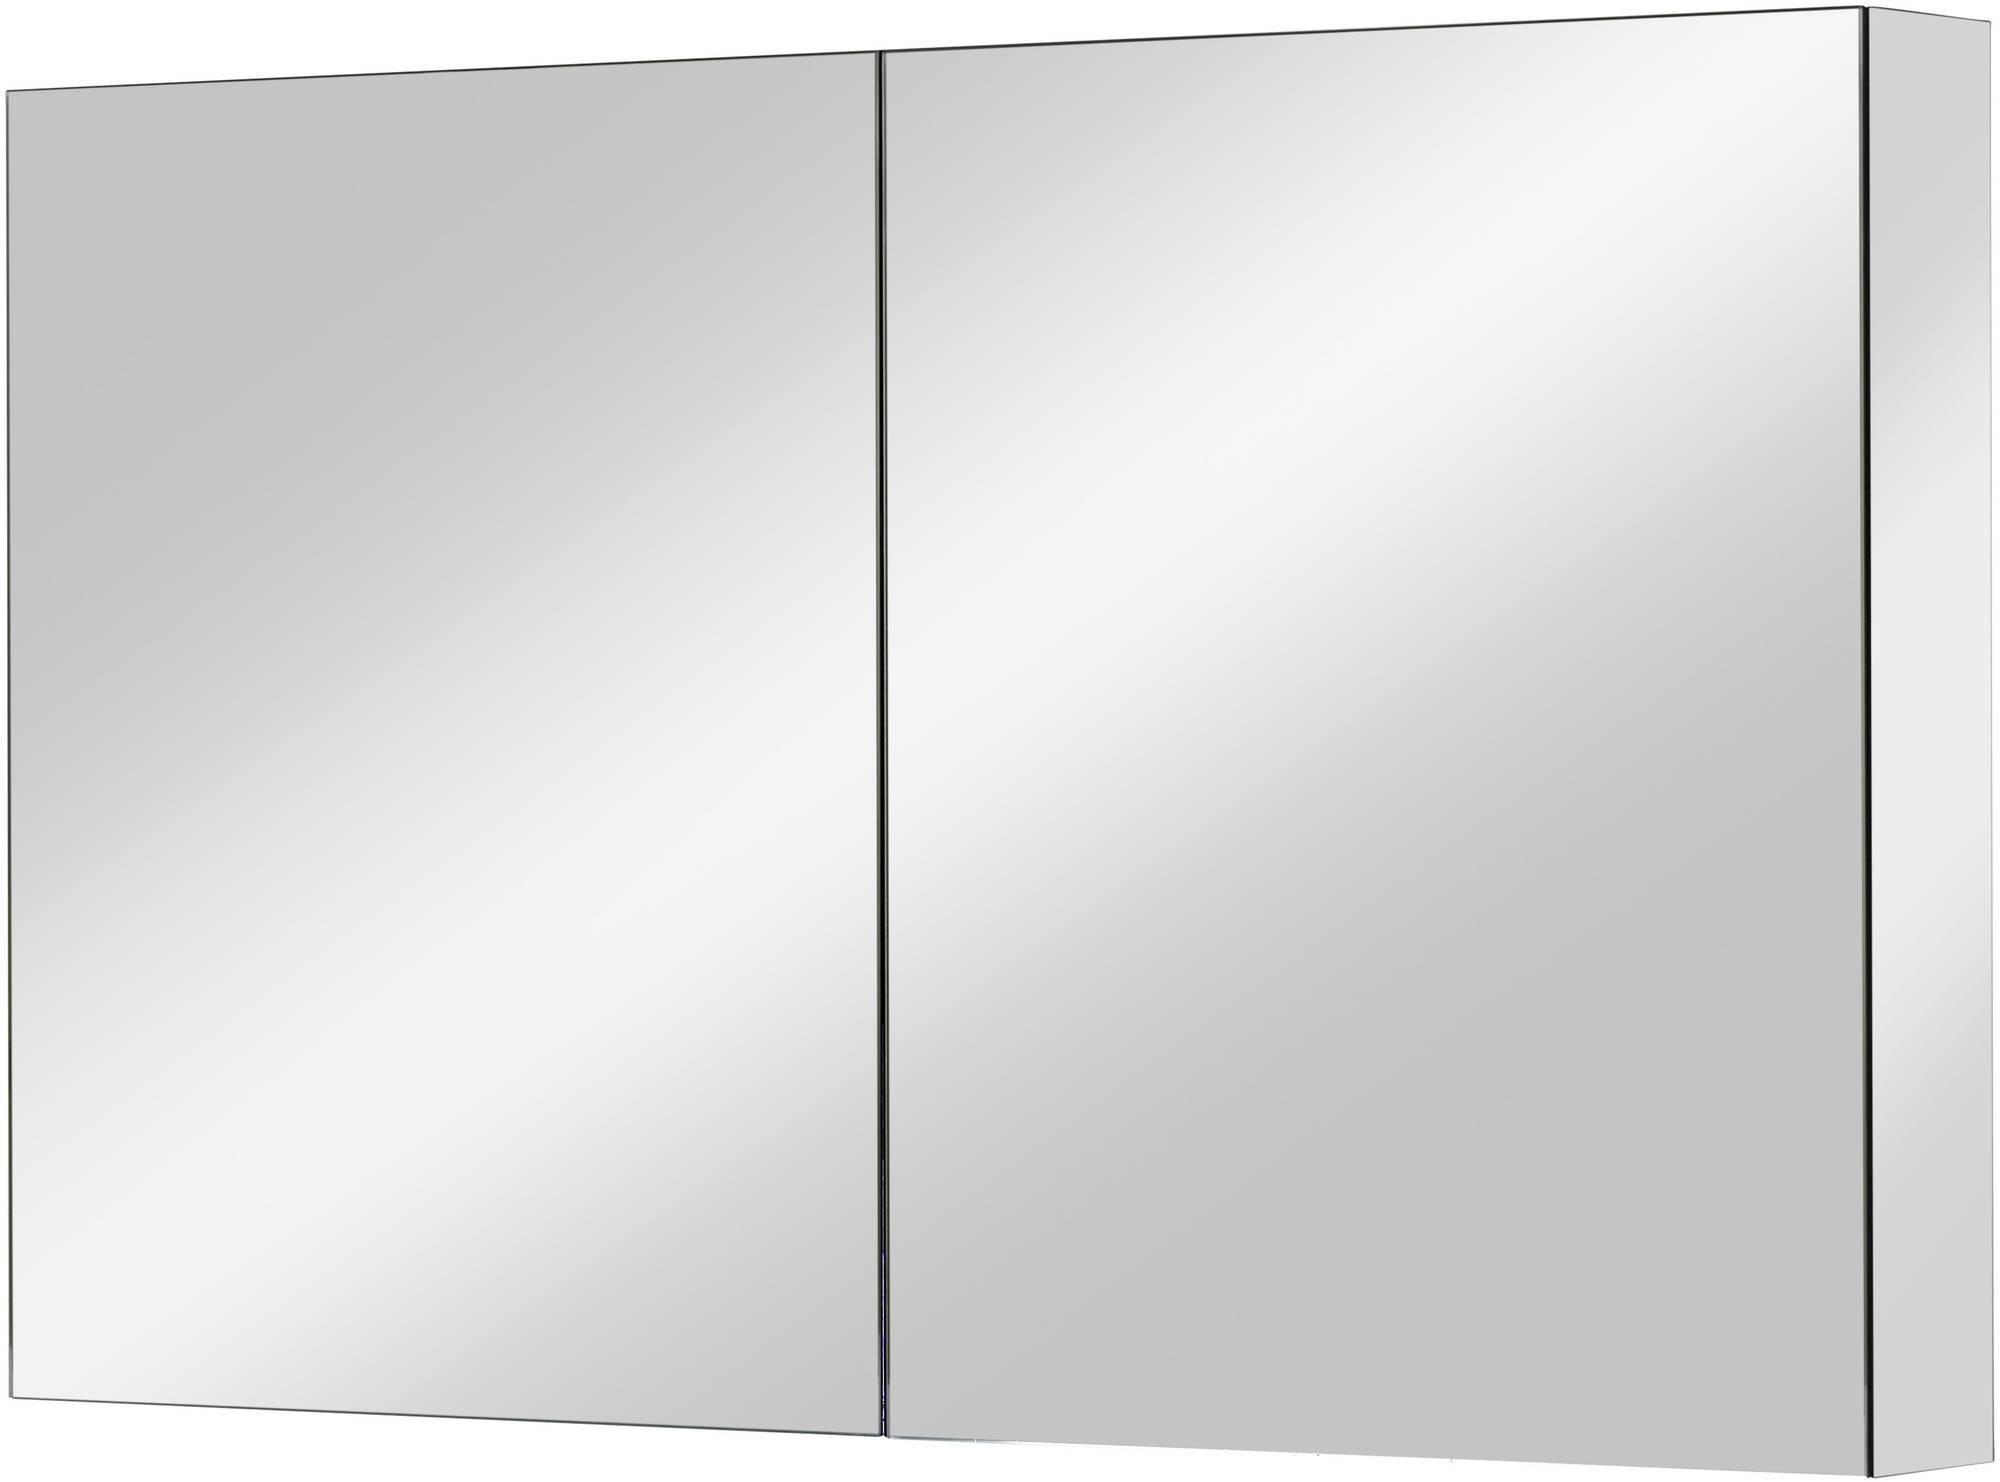 Ben Vario spiegelkast,2 gelijke delen,120x14x75cm, spiegelmelamine omtrokken zijpanelen